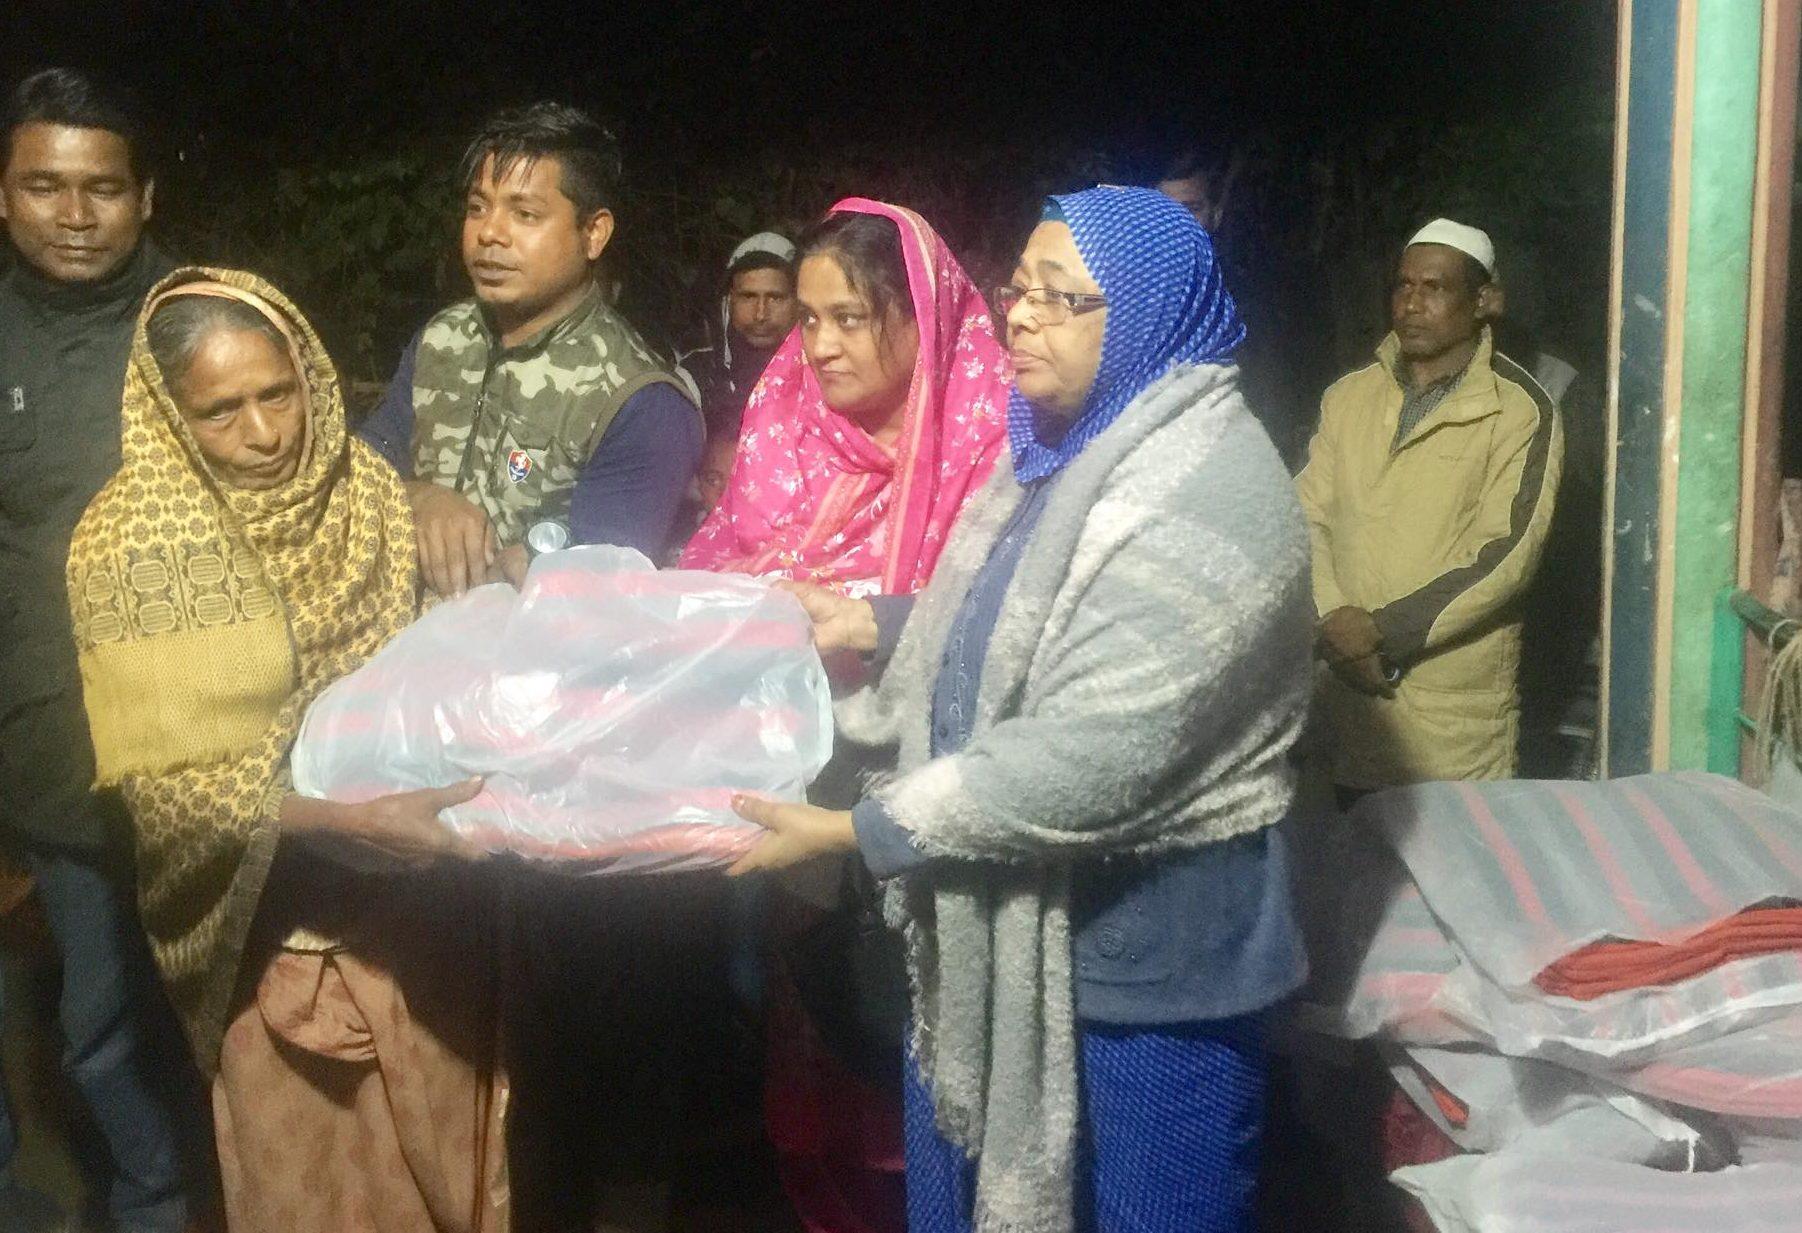 শীতবস্ত্র বিতরণ করছেন সৈয়দা জোহরা আলাউদ্দিন এমপি